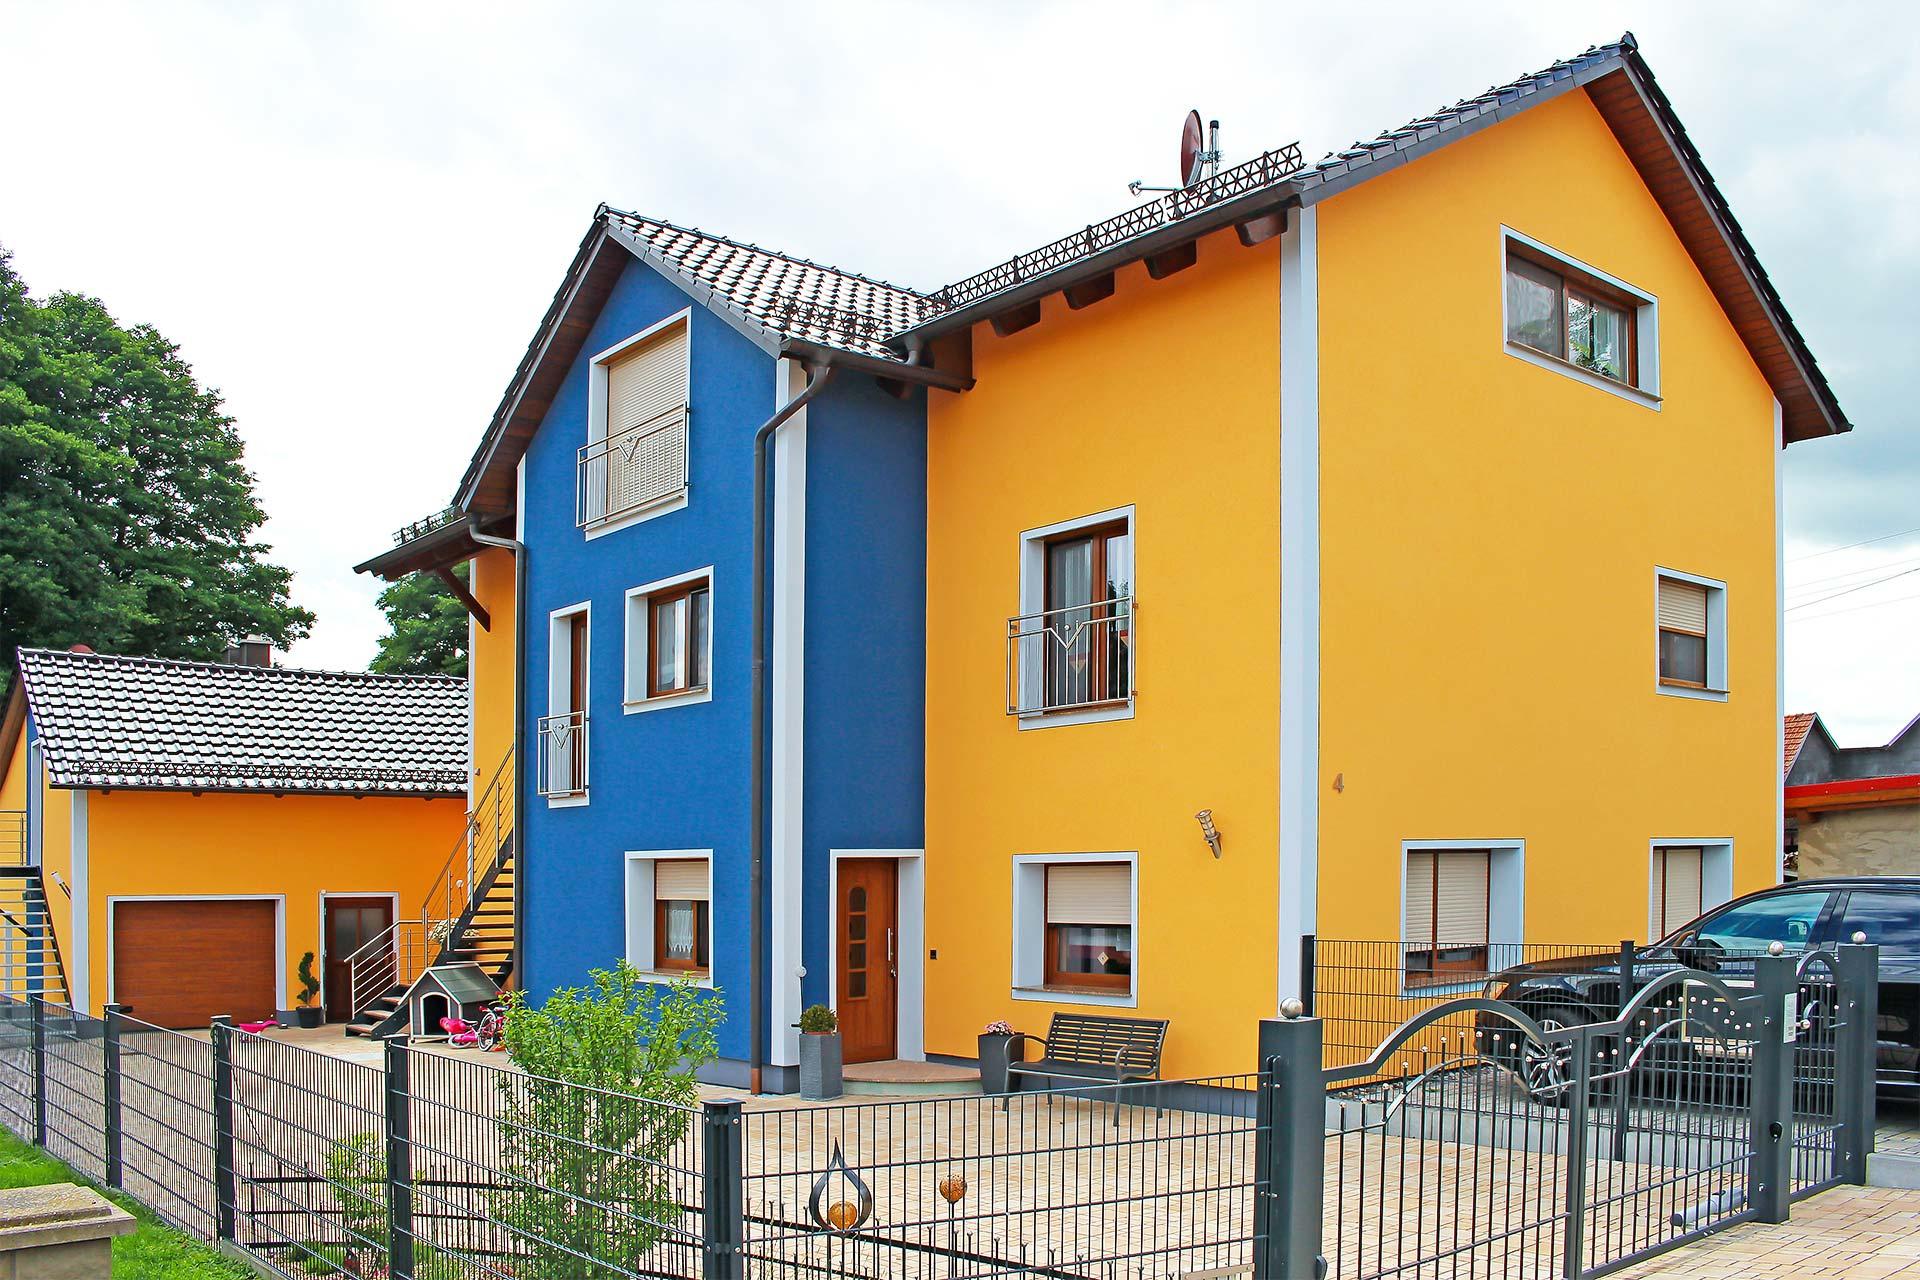 Außenfassade eines Wohnhauses inklusive Dämmarbeiten und Kratzputz